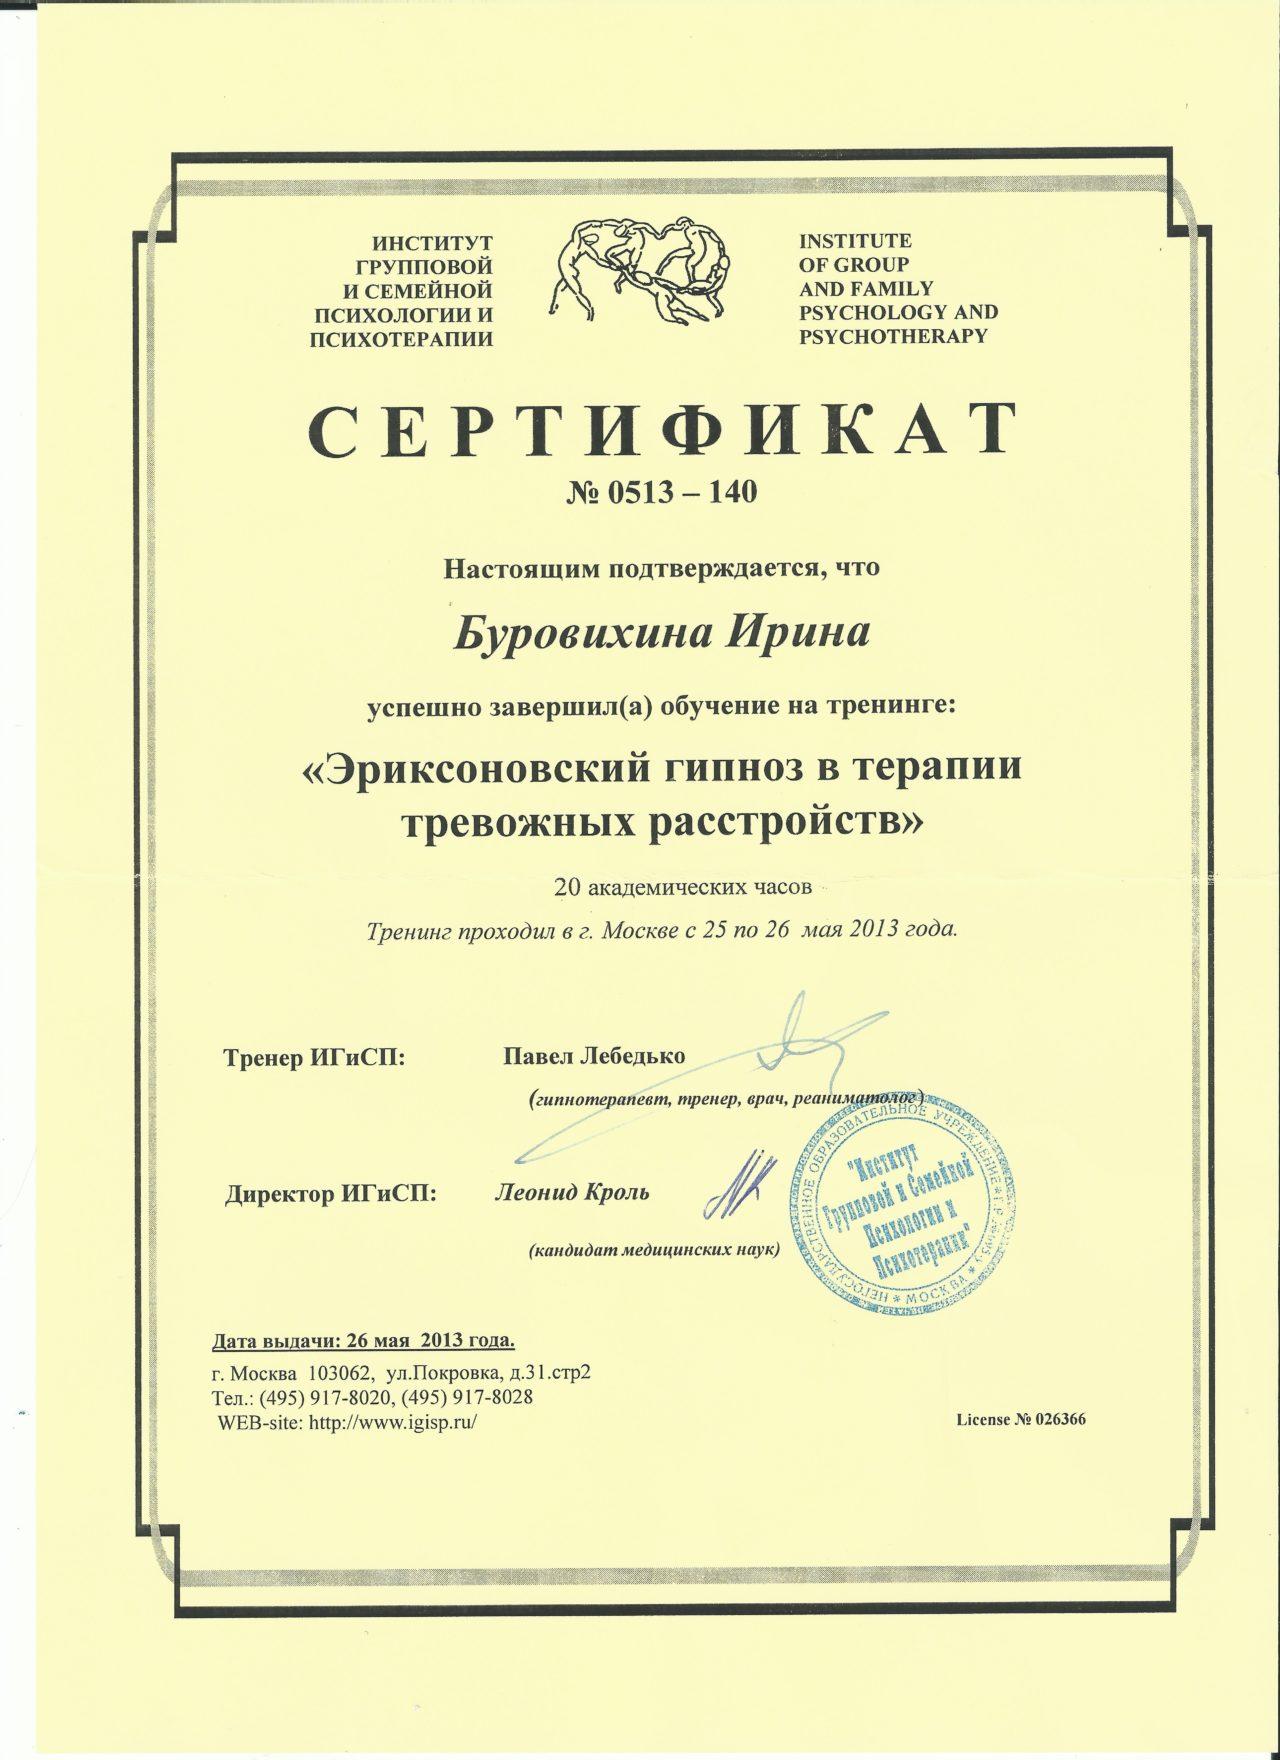 Буровихина сертификат гипноз